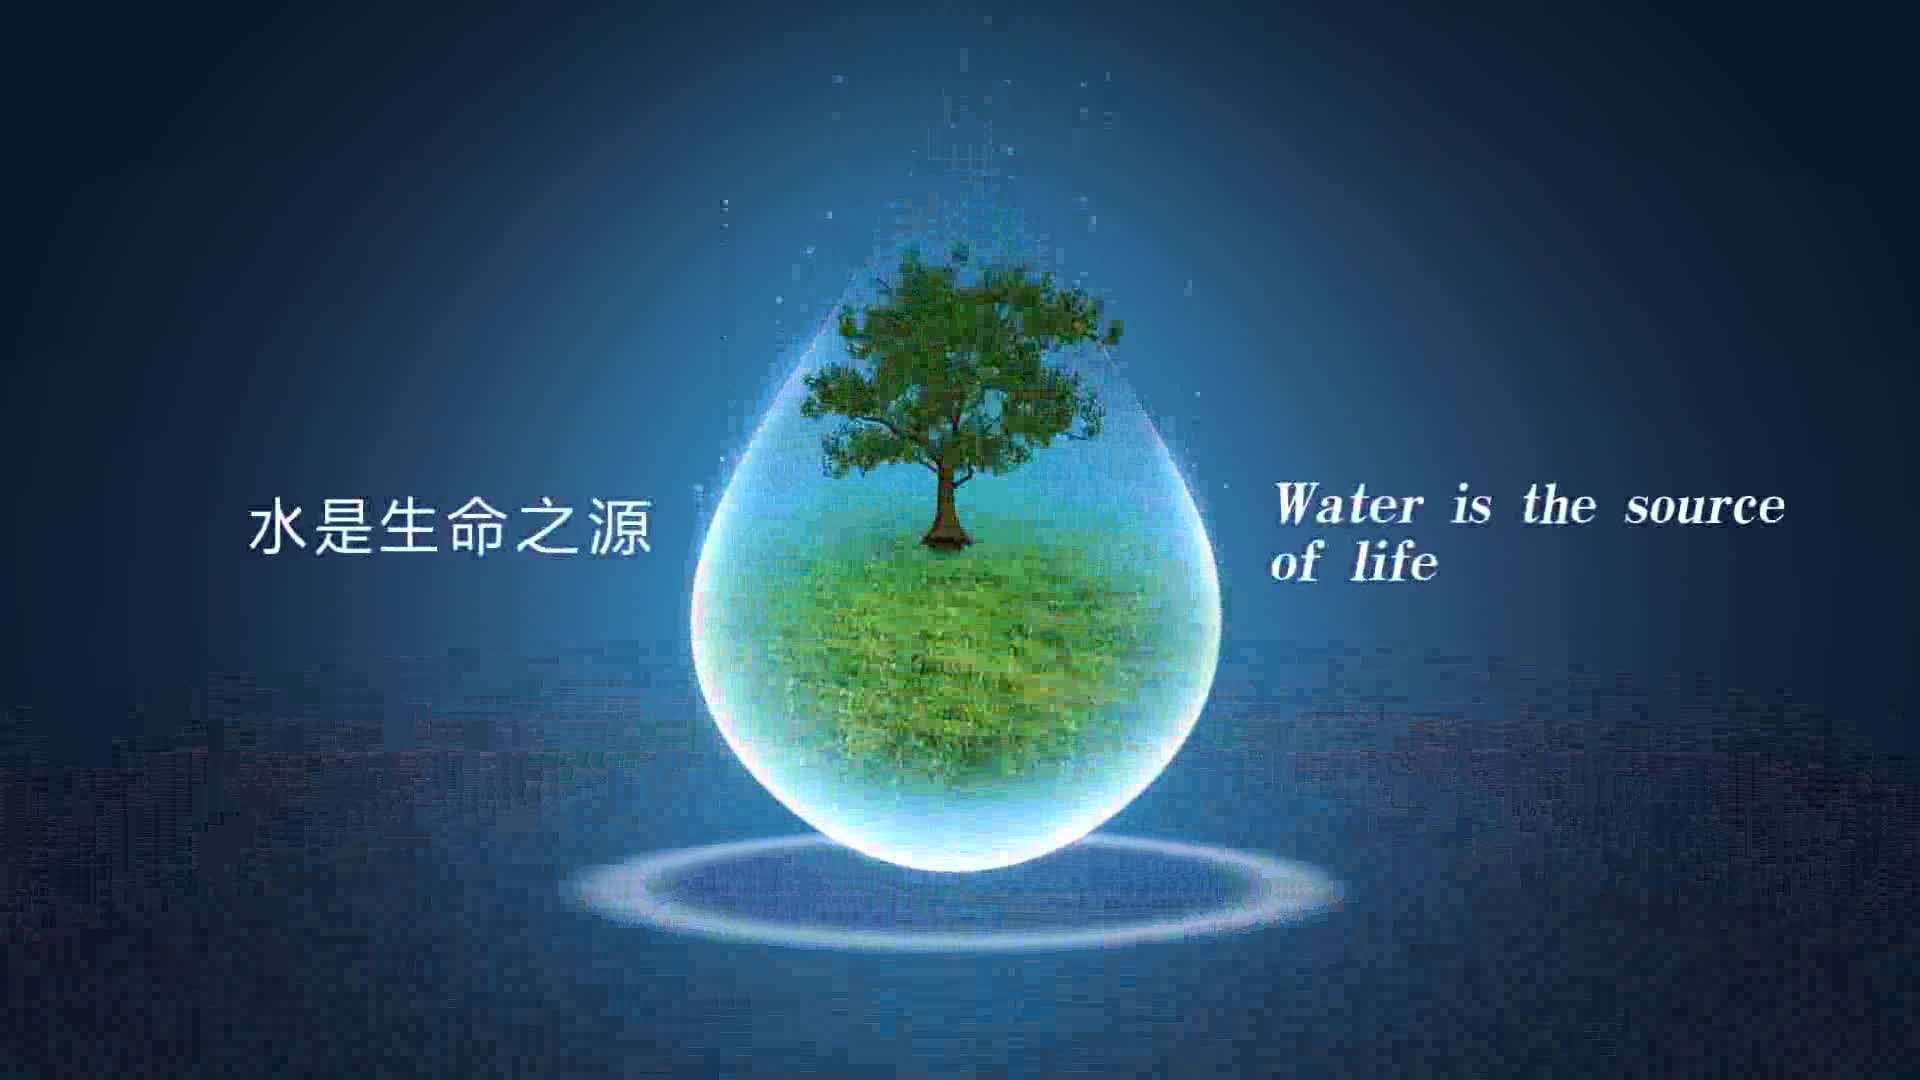 2016年度水资源主要指标稳中有变 特点亮点凸显